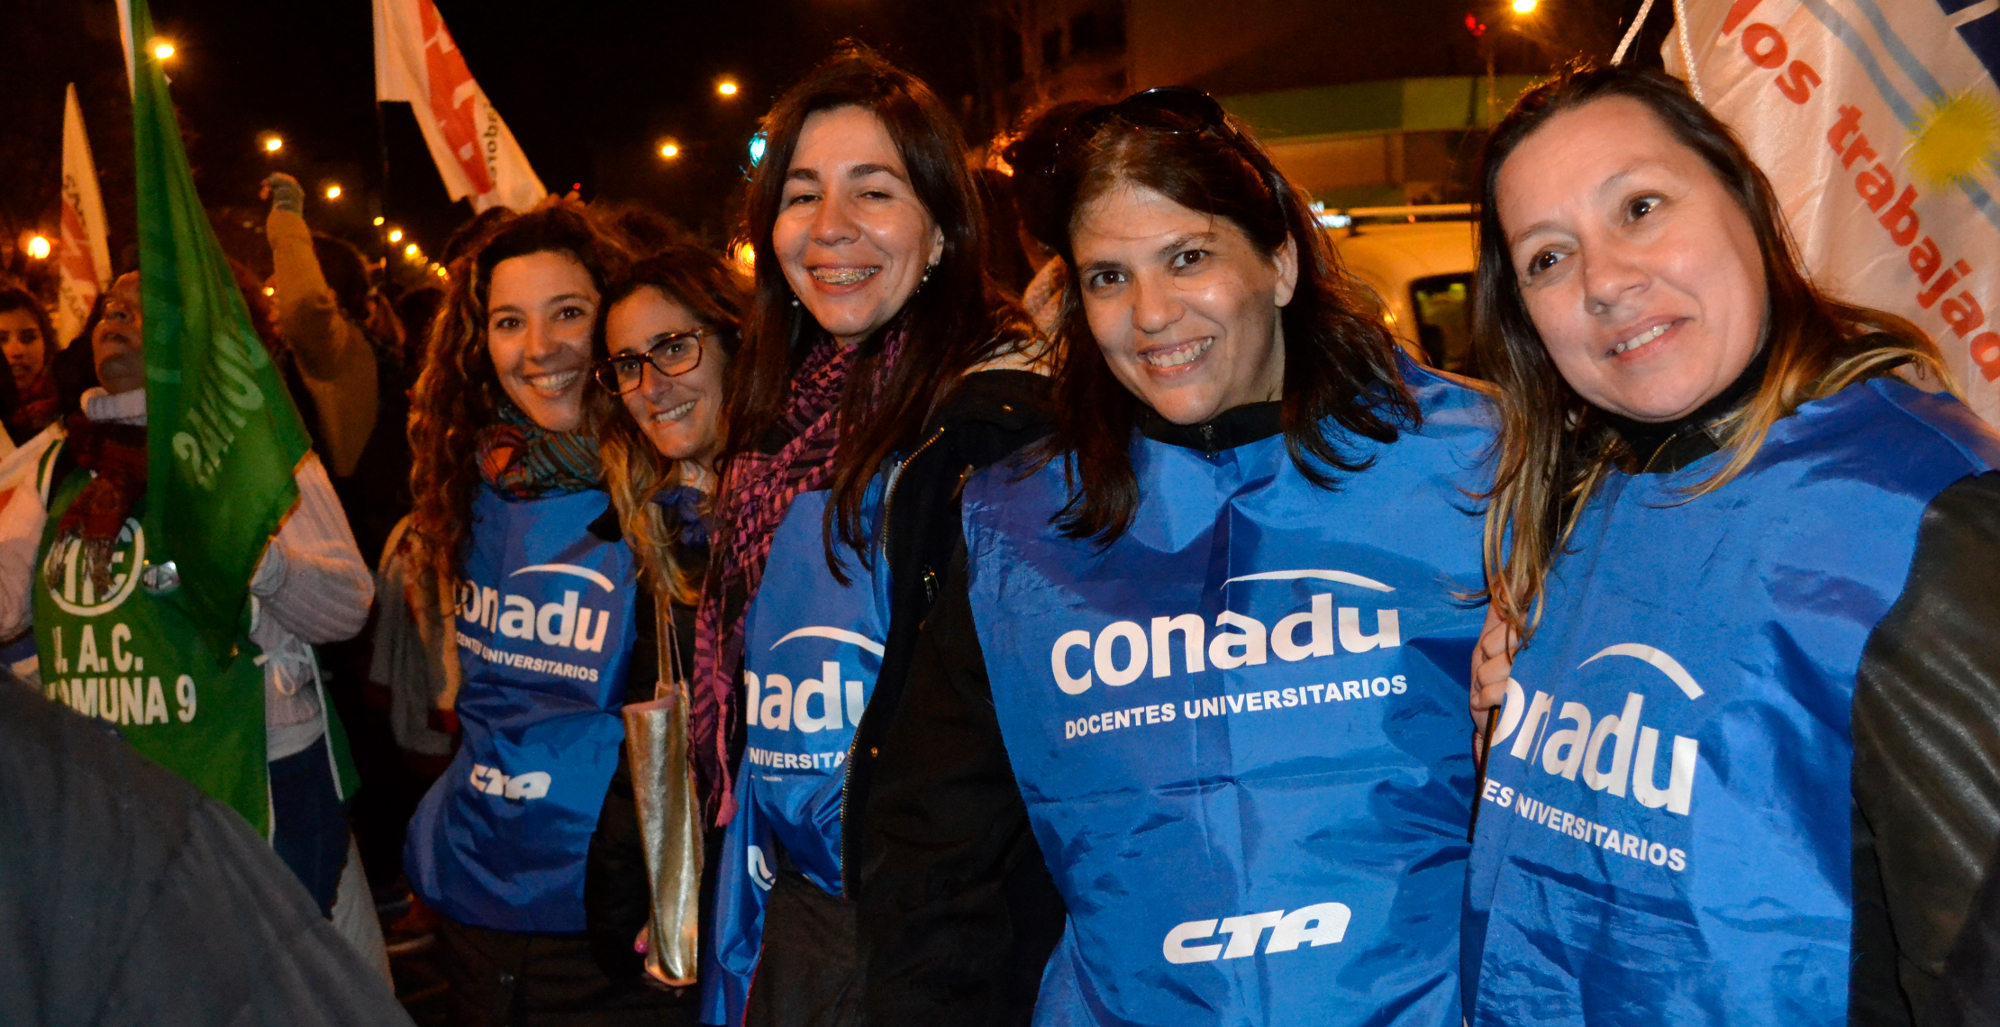 XXX ENM 2015 Conadu (3)